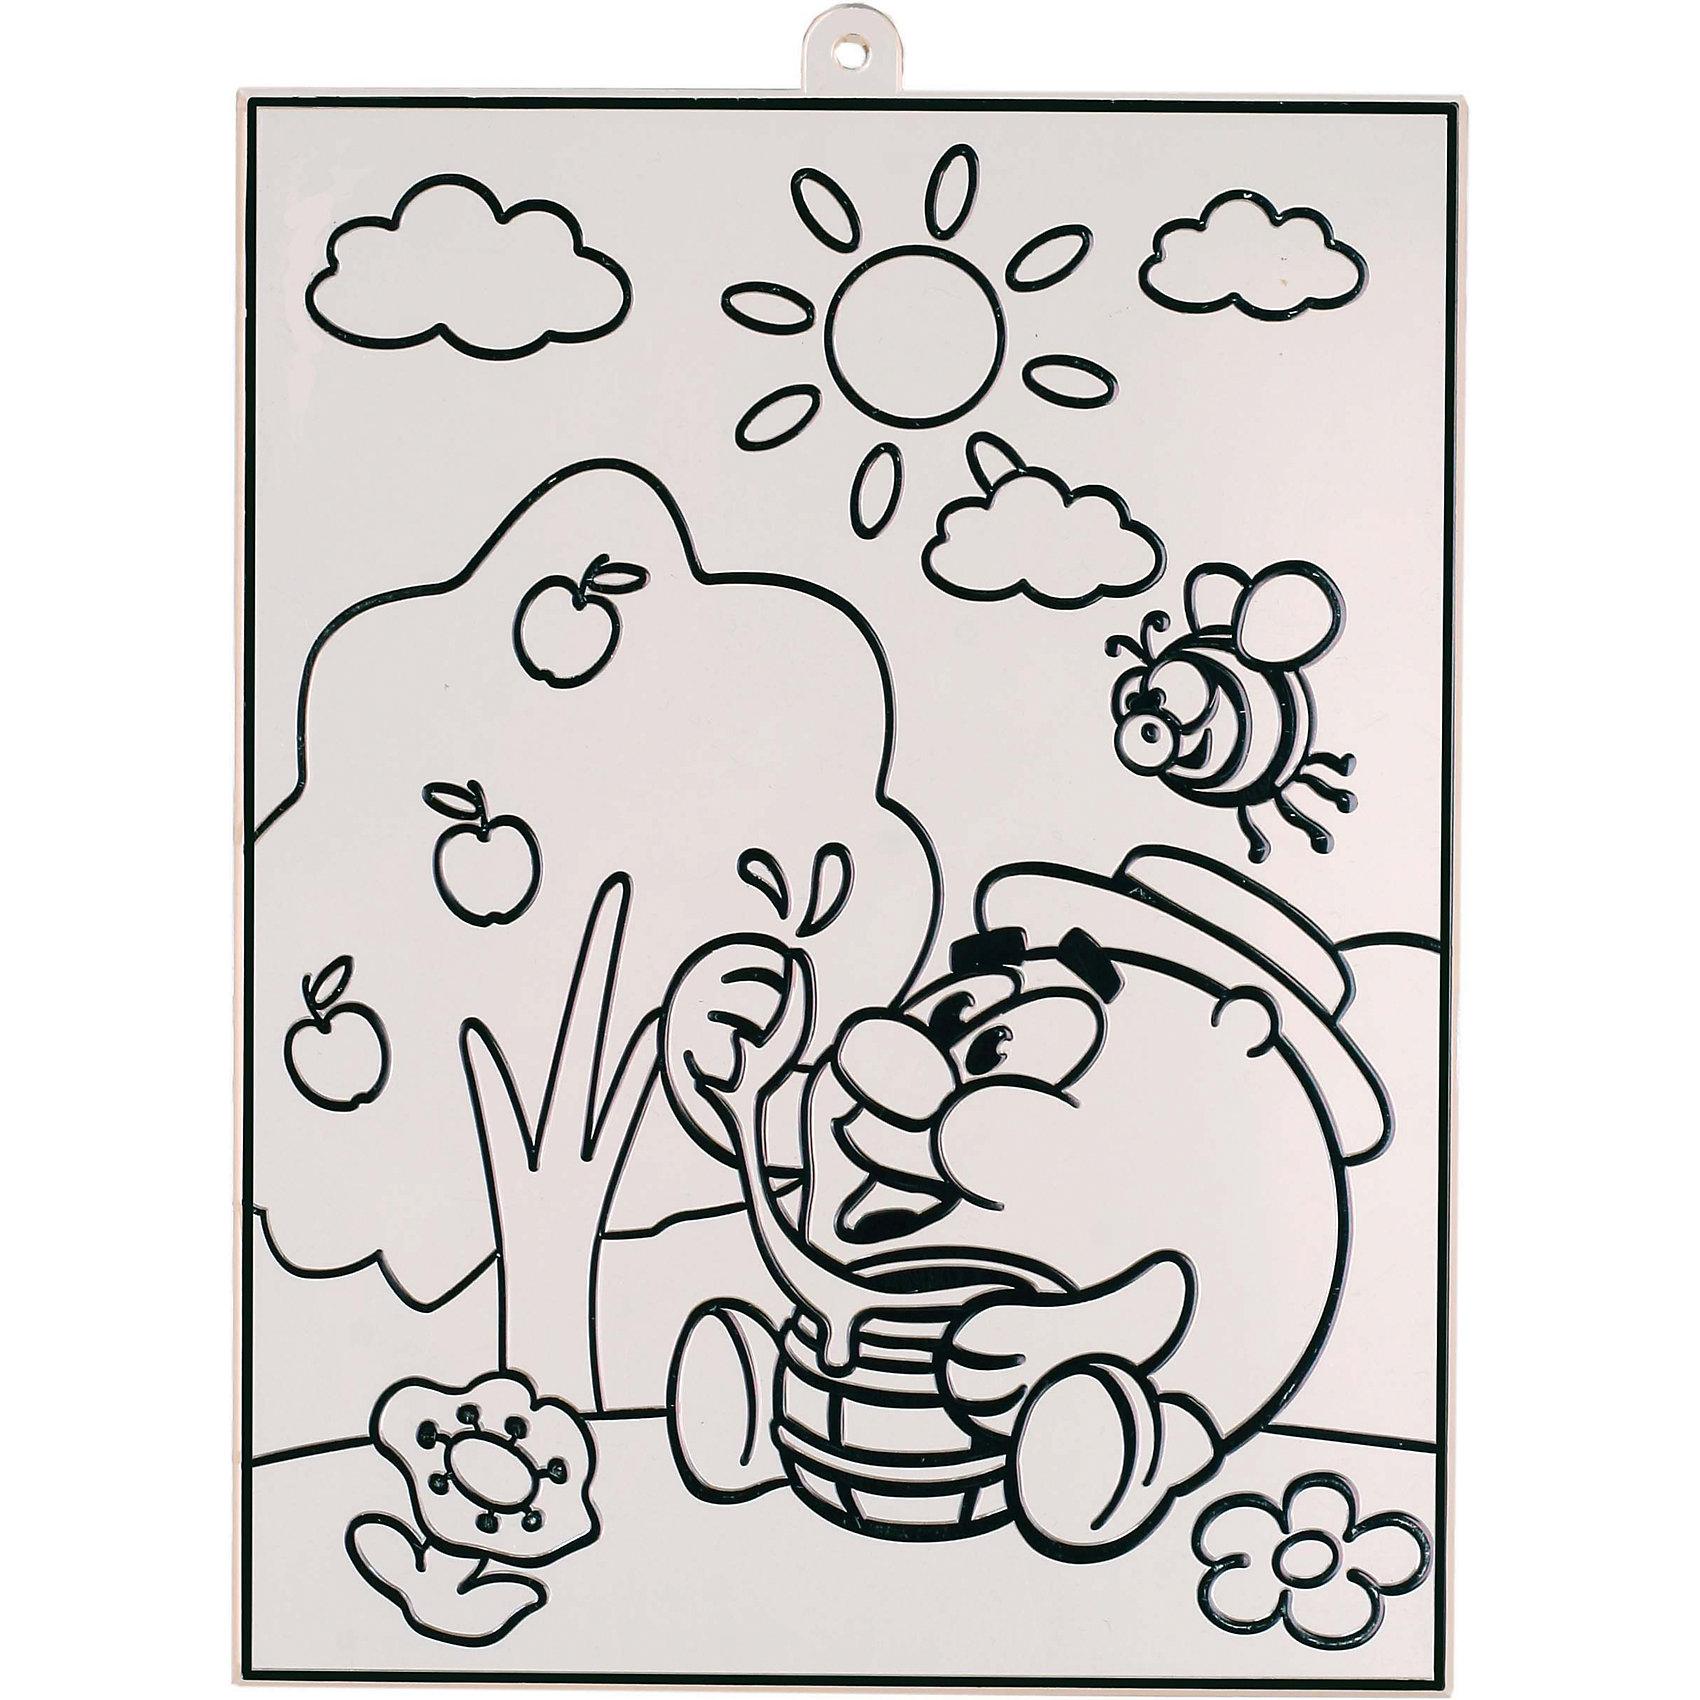 Витражная картинка, СмешарикиВитражная картинка, Смешарики, Centrum (Центрум)<br><br>Характеристики:<br><br>• витражная картина своими руками<br>• любимый персонаж из смешариков<br>• подойдет для украшения комнаты<br>• размер: 13,5х0,2х22 см<br><br>Если ваш ребенок любит мультфильм Смешарики, то набор для создания витражной картины обязательно порадует его! В набор входит основа, которую ребенку предстоит раскрасить. Стоит лишь проявить свою фантазию - и картинка заиграет яркими красками, отображая талант художника. Творчество отлично развивает внимательность, усидчивость и художественные способности.<br><br>Витражную картинку, Смешарики, Centrum (Центрум) вы можете купить в нашем интернет-магазине.<br><br>Ширина мм: 2<br>Глубина мм: 135<br>Высота мм: 220<br>Вес г: 57<br>Возраст от месяцев: 36<br>Возраст до месяцев: 120<br>Пол: Унисекс<br>Возраст: Детский<br>SKU: 5175347